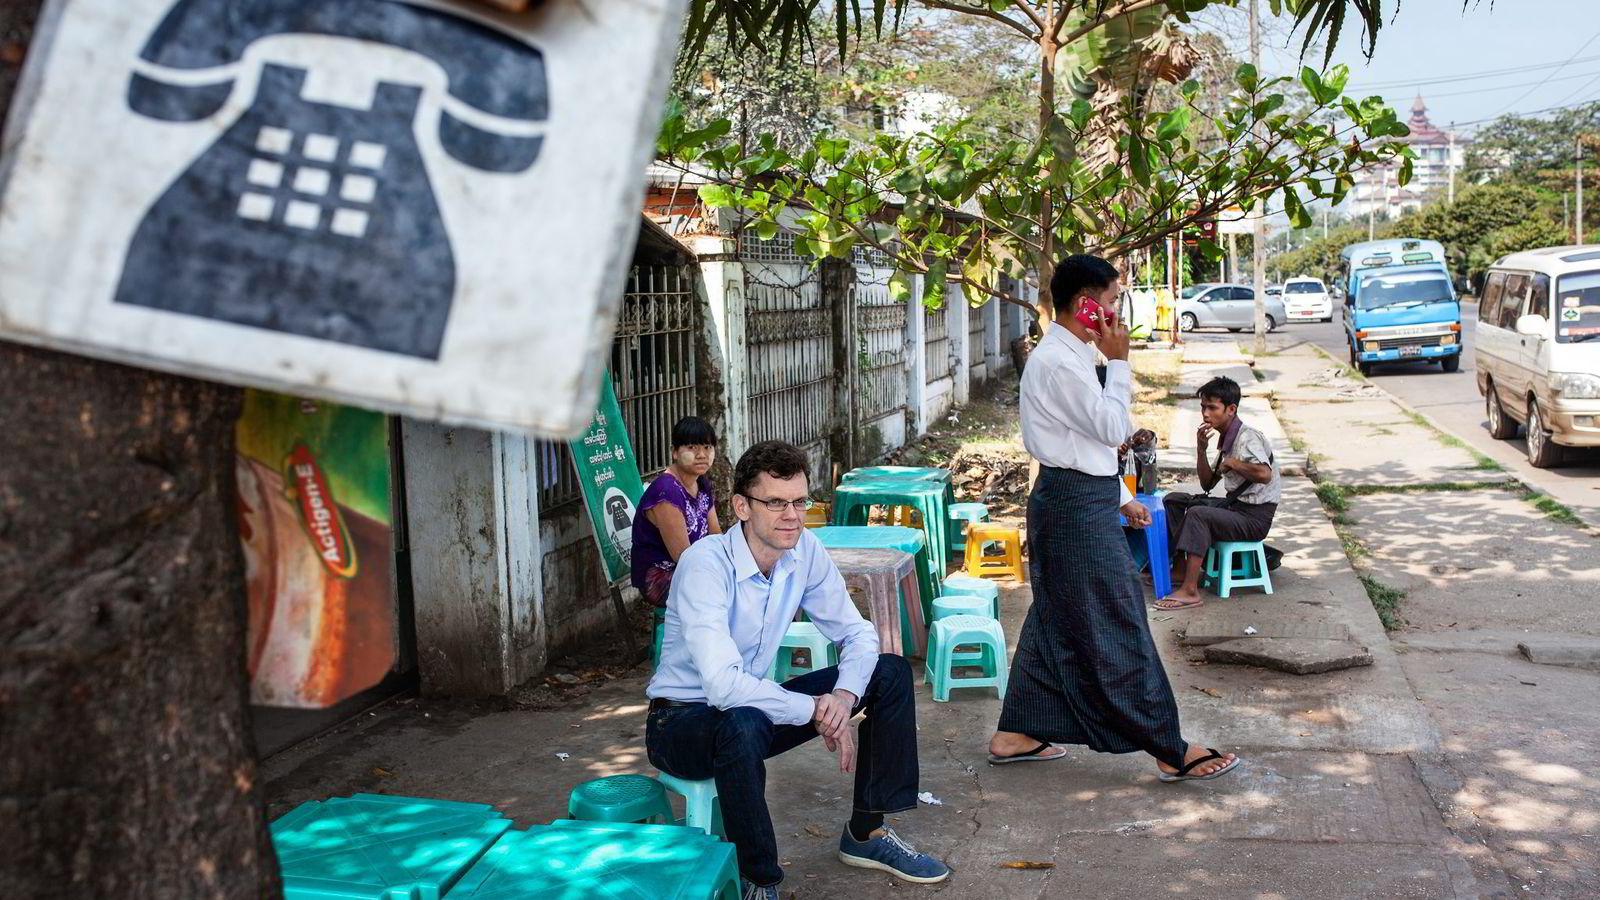 BYGGER TELENETT. Telenor ble nylig tildelt en landsomfattende lisens for telekomtjenester i Myanmar. Rettighetene deles med det Quatarske selskapet Ooredoo. Her med Petter Furberg som er Telenor-direktør i Myanmar.